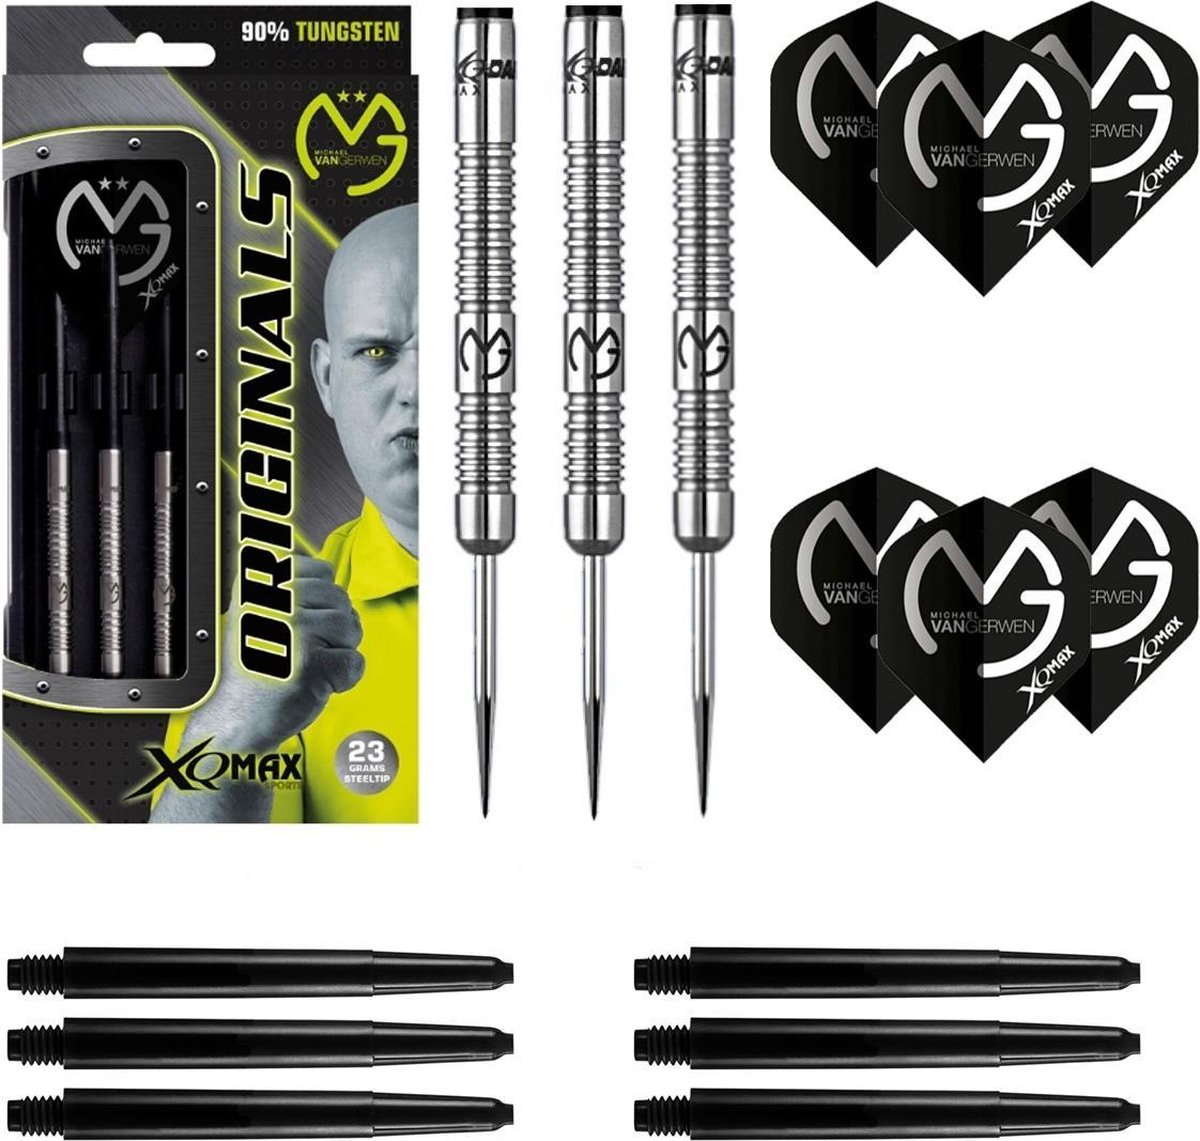 XQ-Max - Michael van Gerwen Originals 90% Tungsten - 21 gram - dartpijlen - plus 2 sets darts shafts en 2 sets darts flights